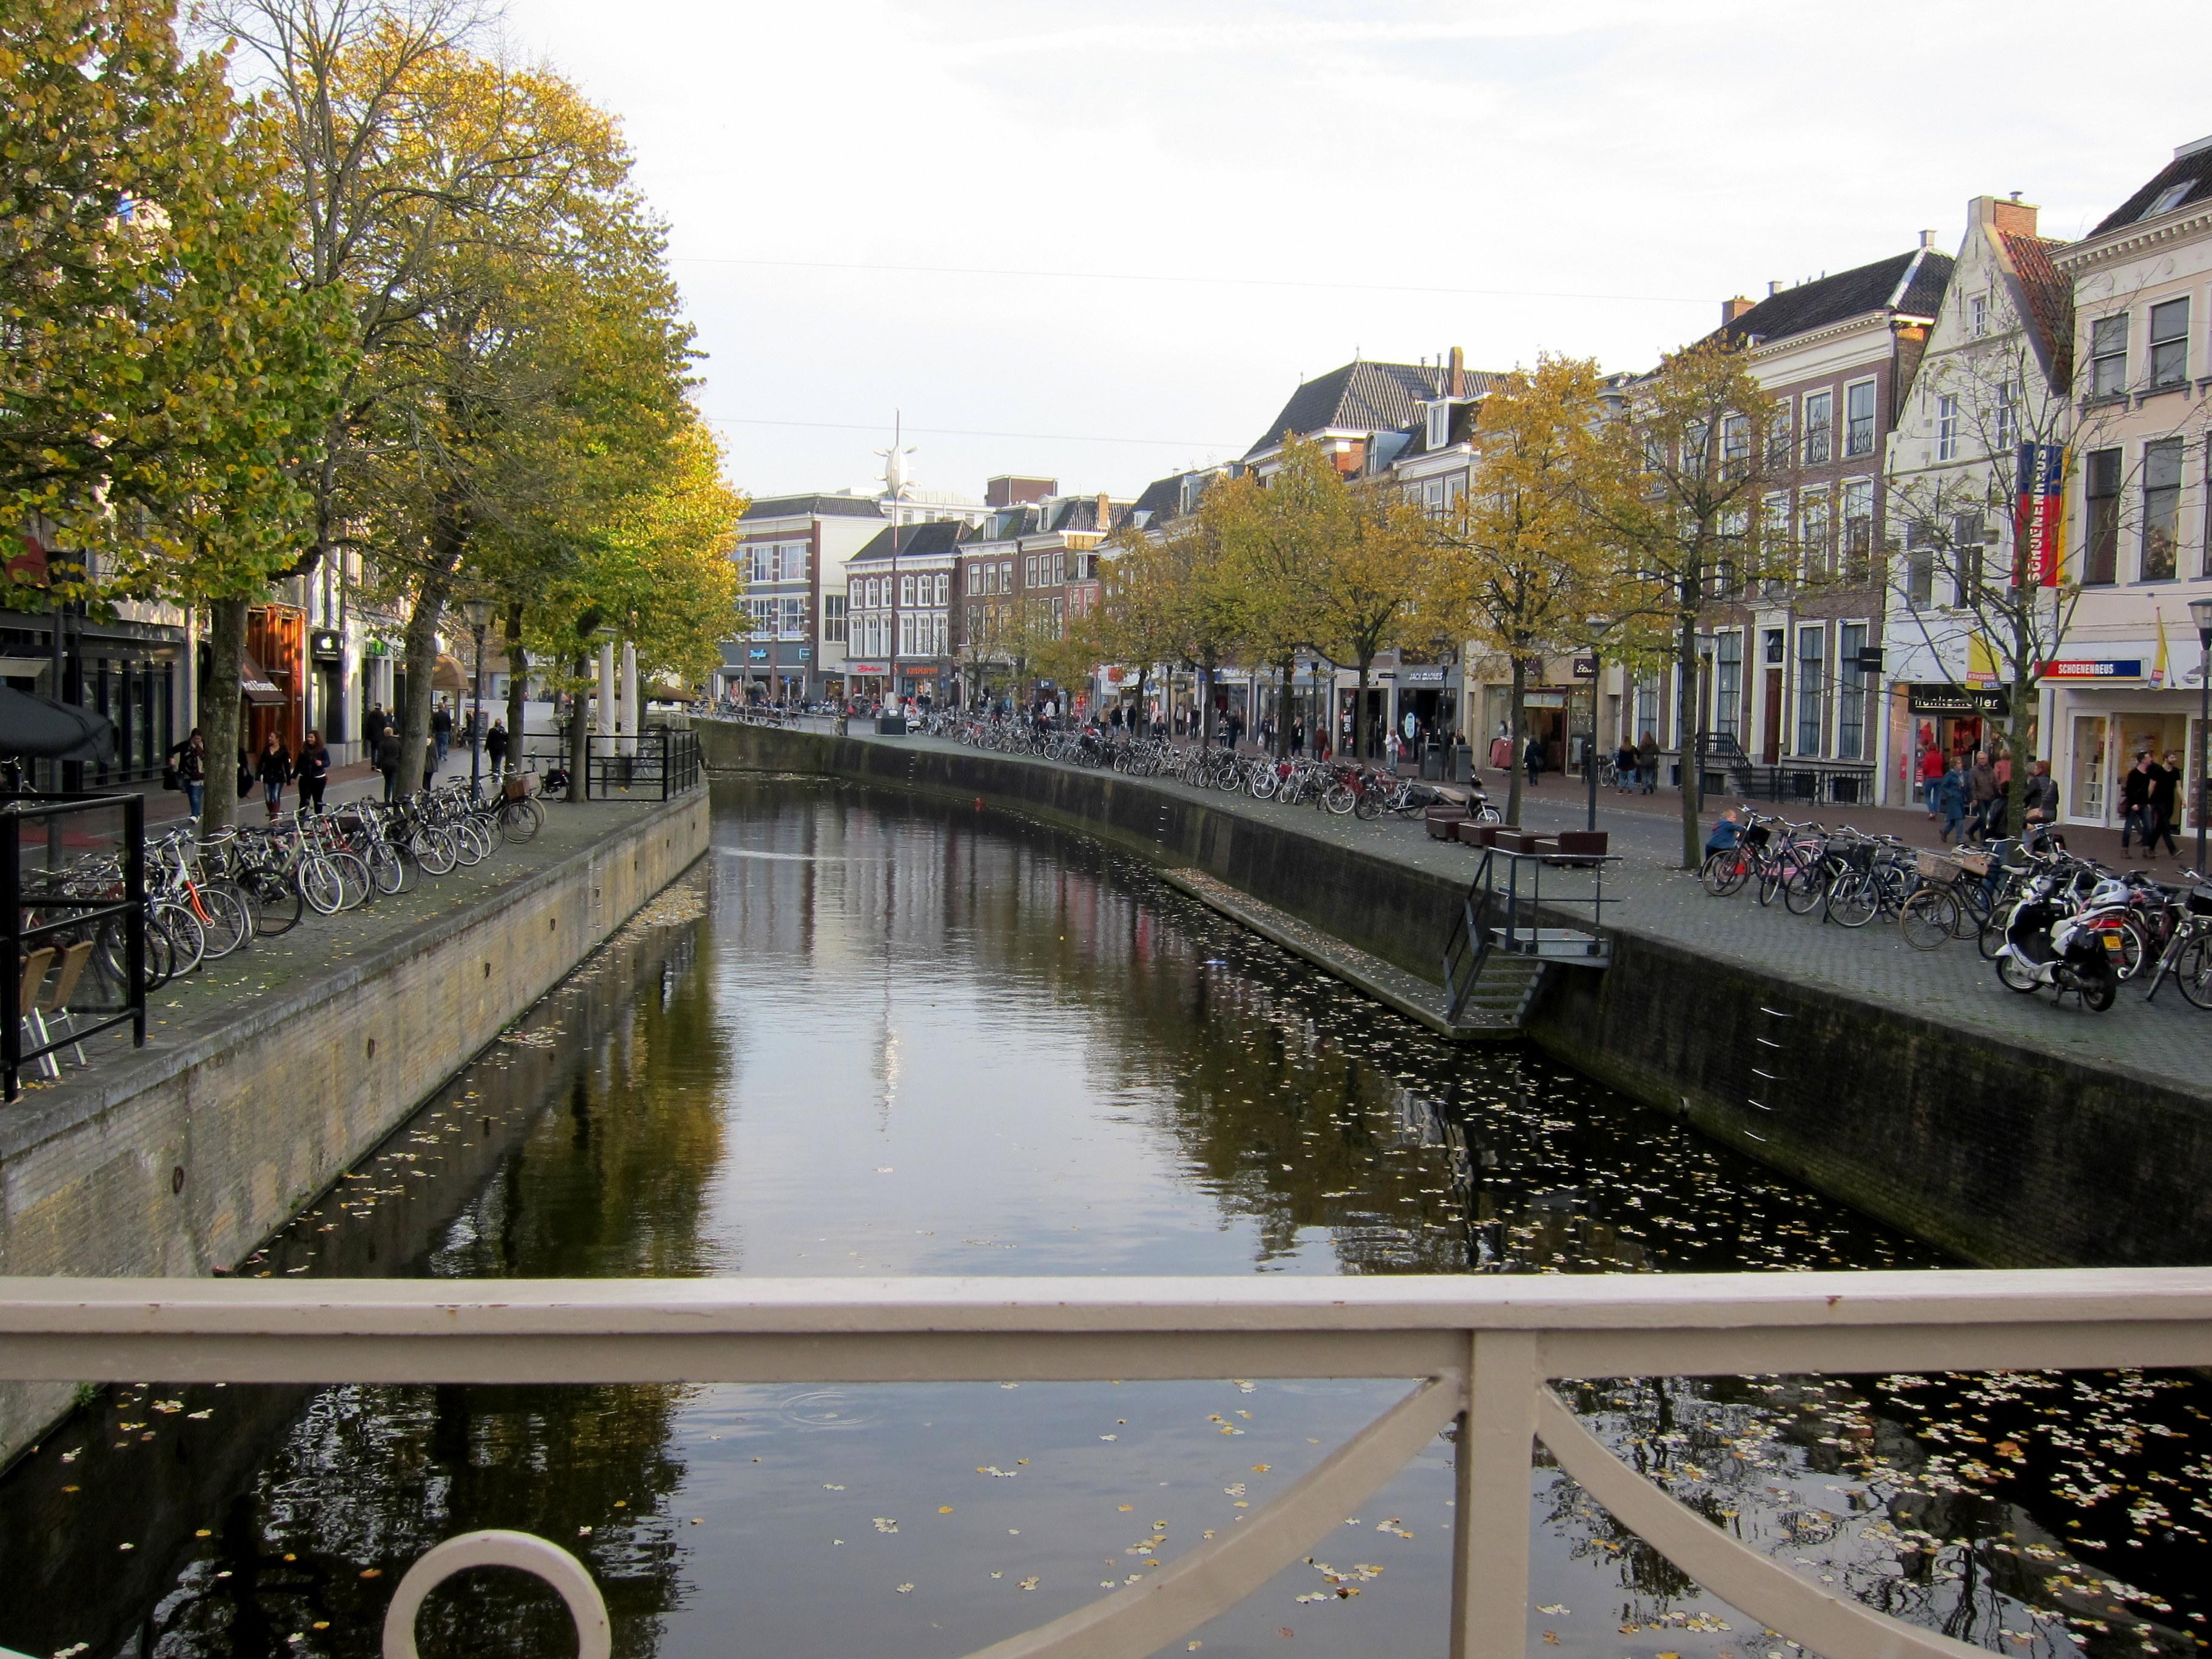 Leeuwarden, Friesland (Niederlande)